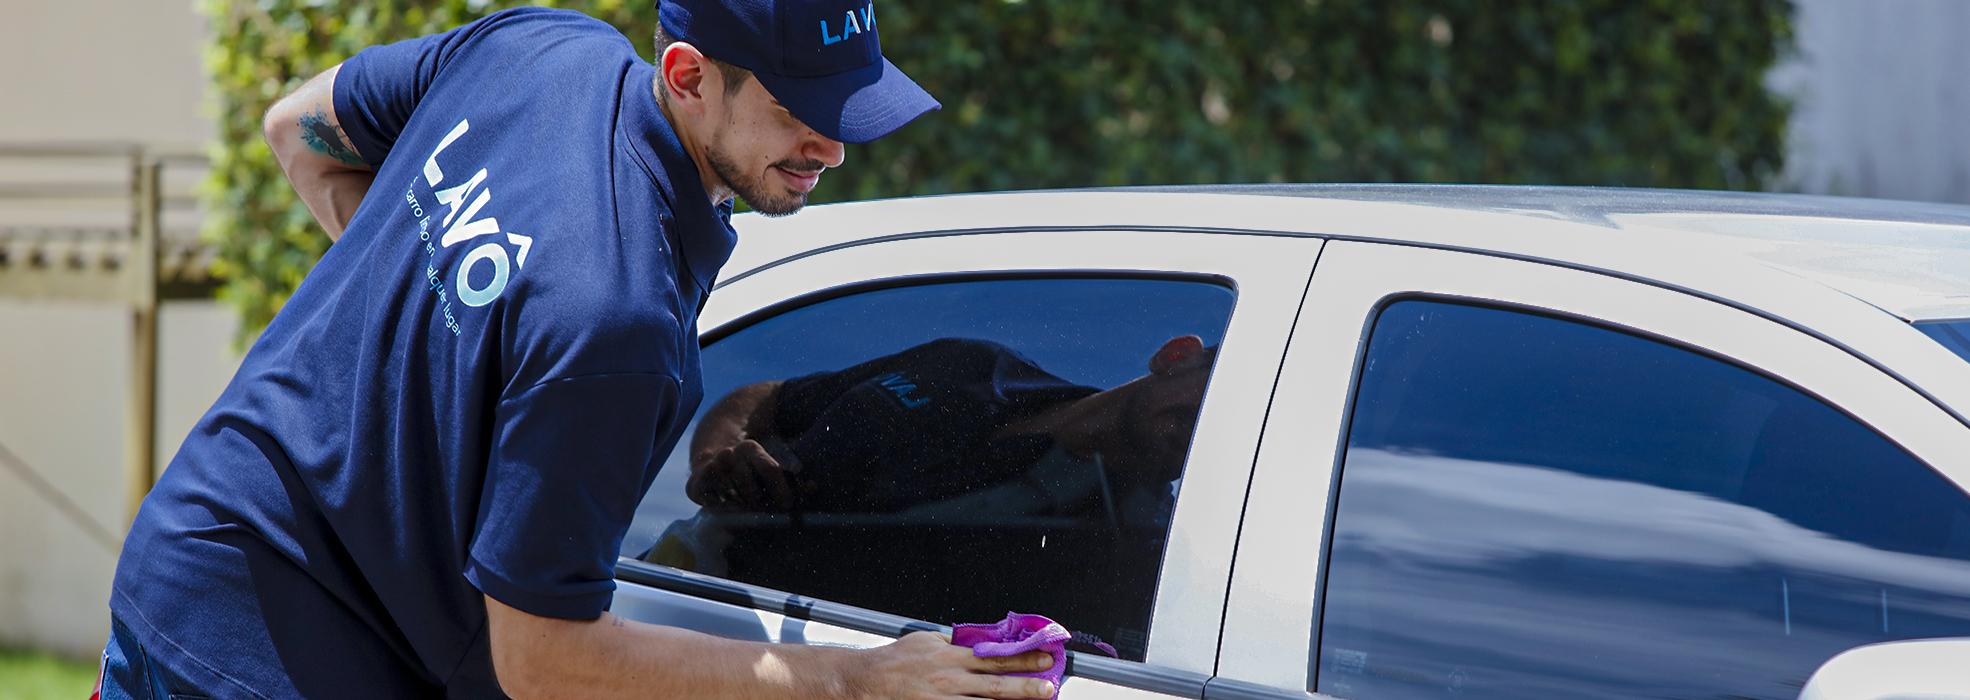 parceiro lavando carro